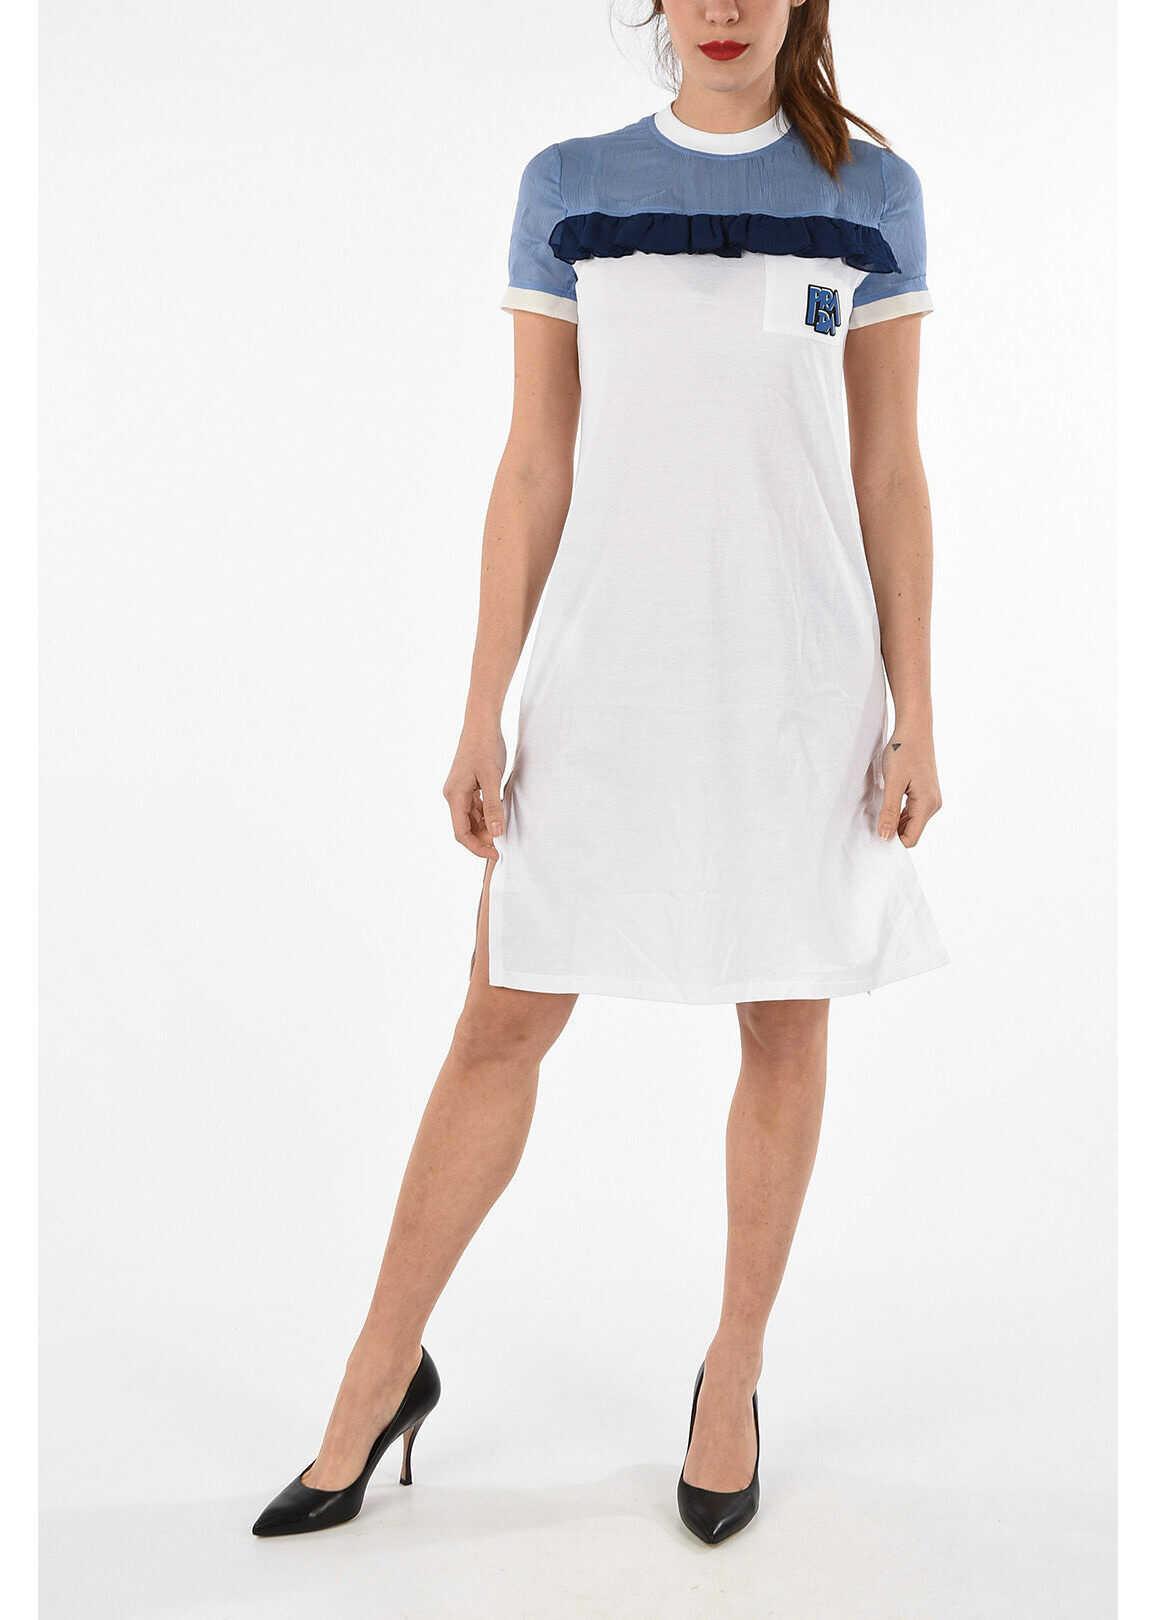 Prada cotton and silk shirt dress MULTICOLOR